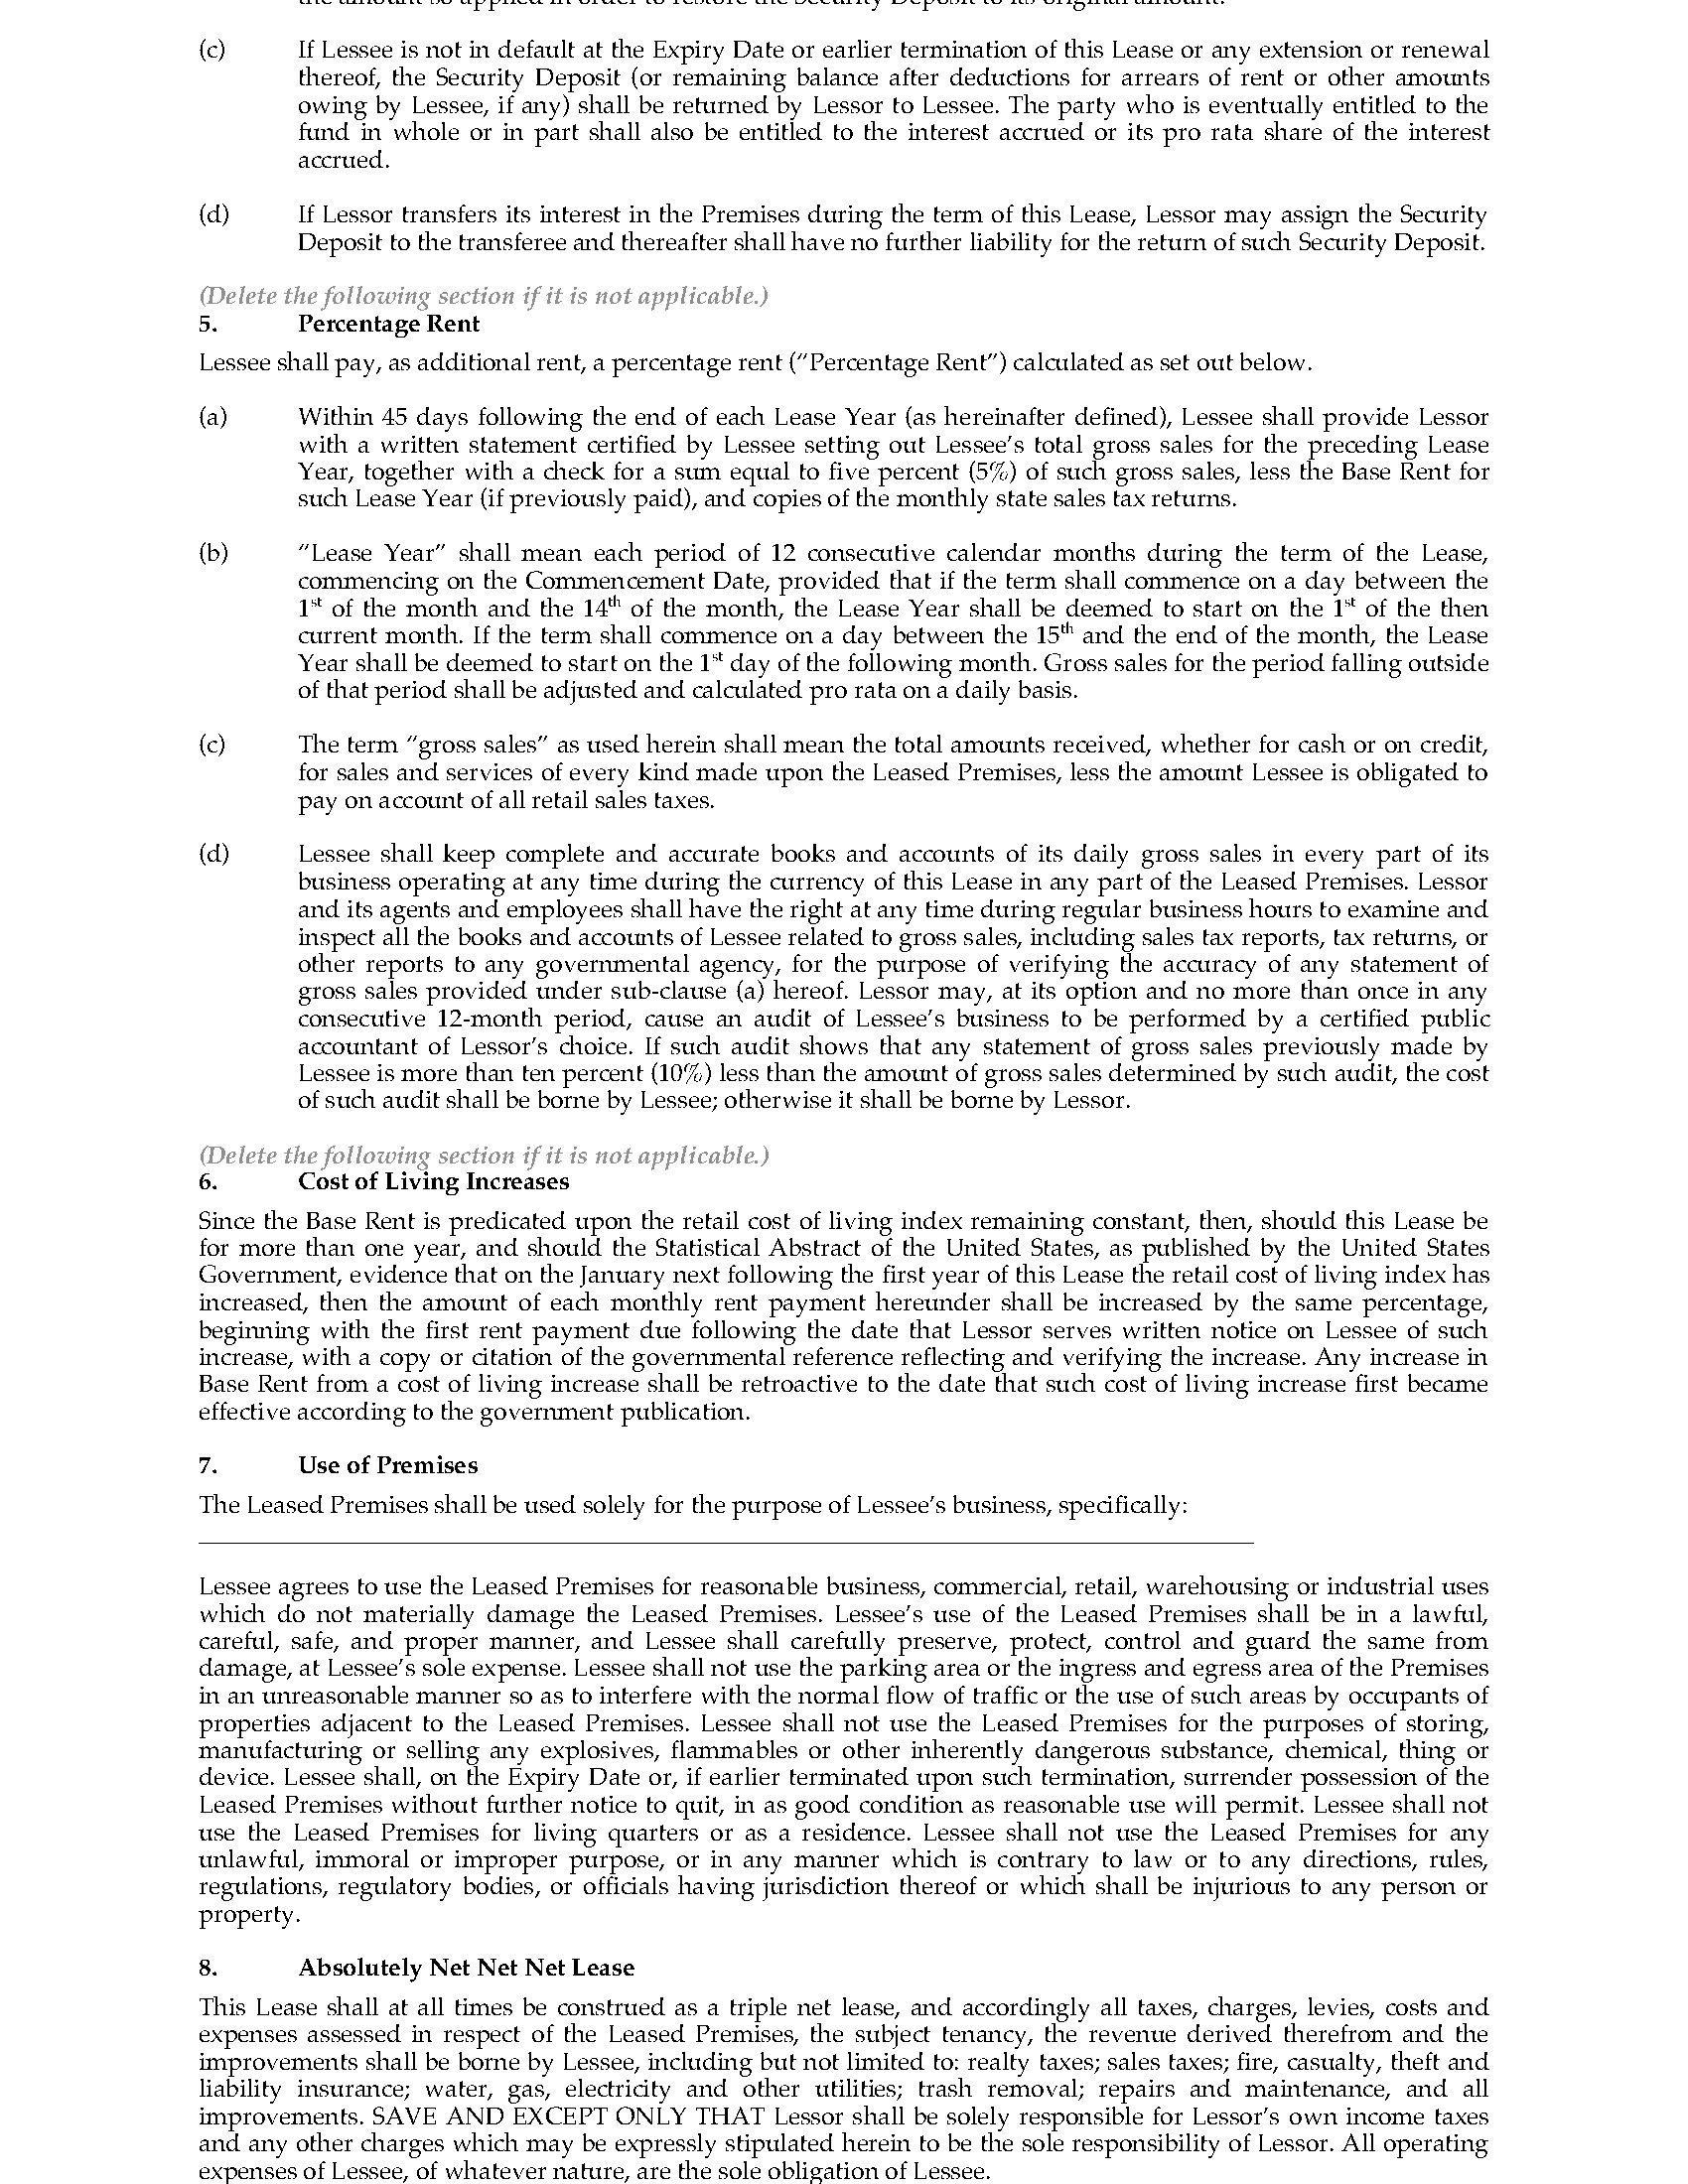 Triple Net Lease Agreement Definition